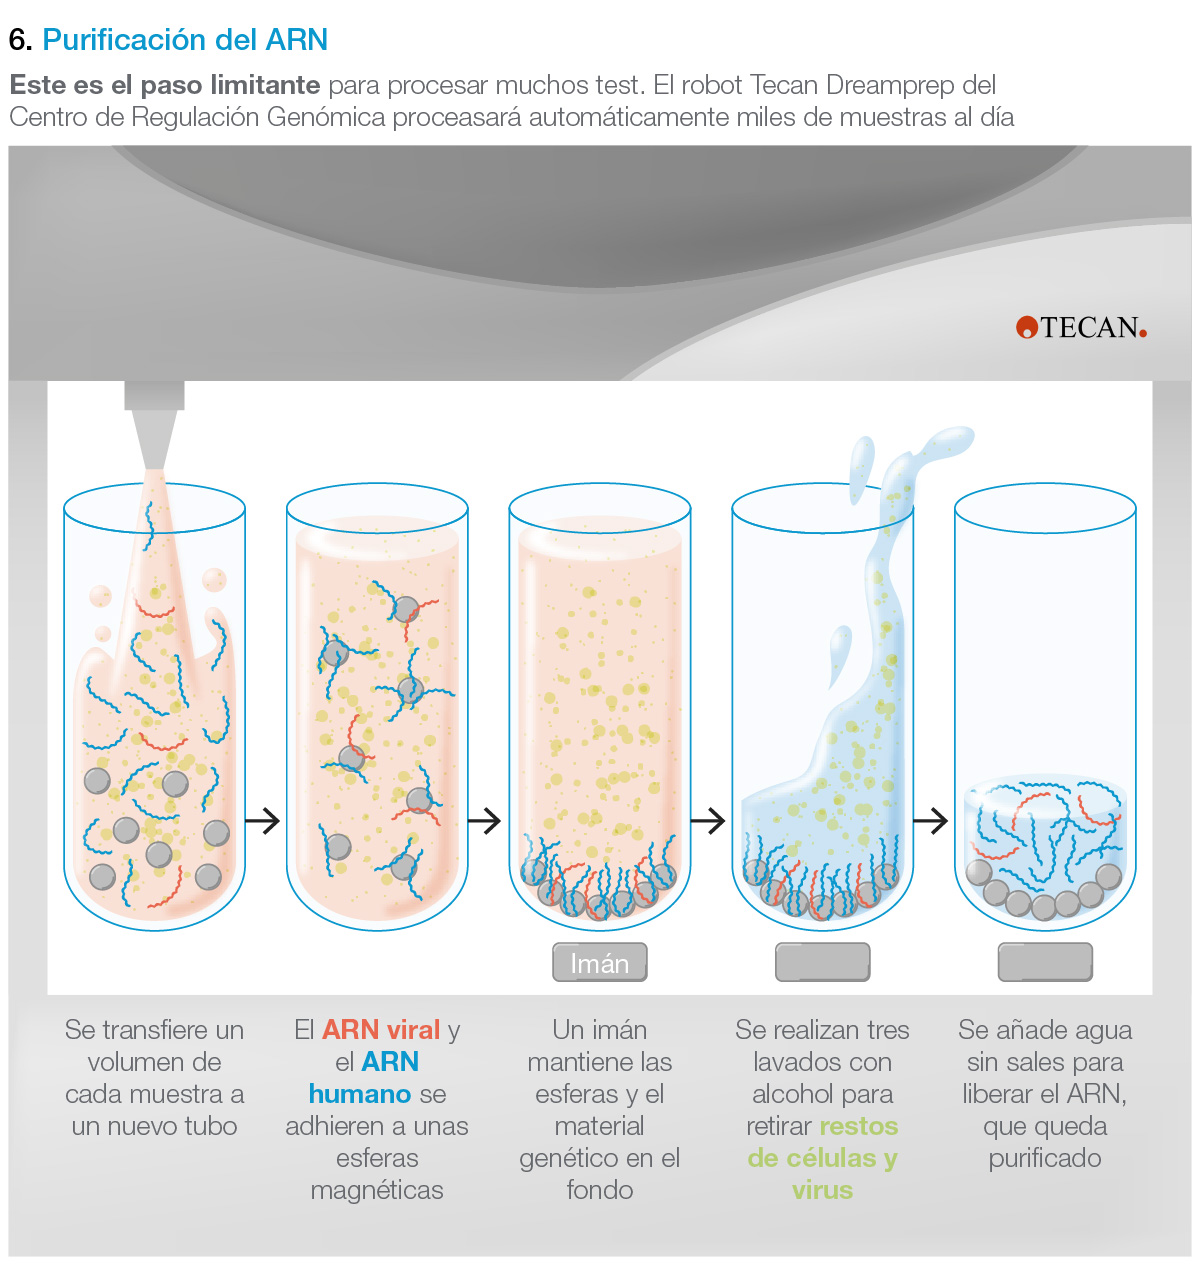 Purificación del ARN mediante robot Tecan Dreamprep para realizar una test de PCR para el covid-19